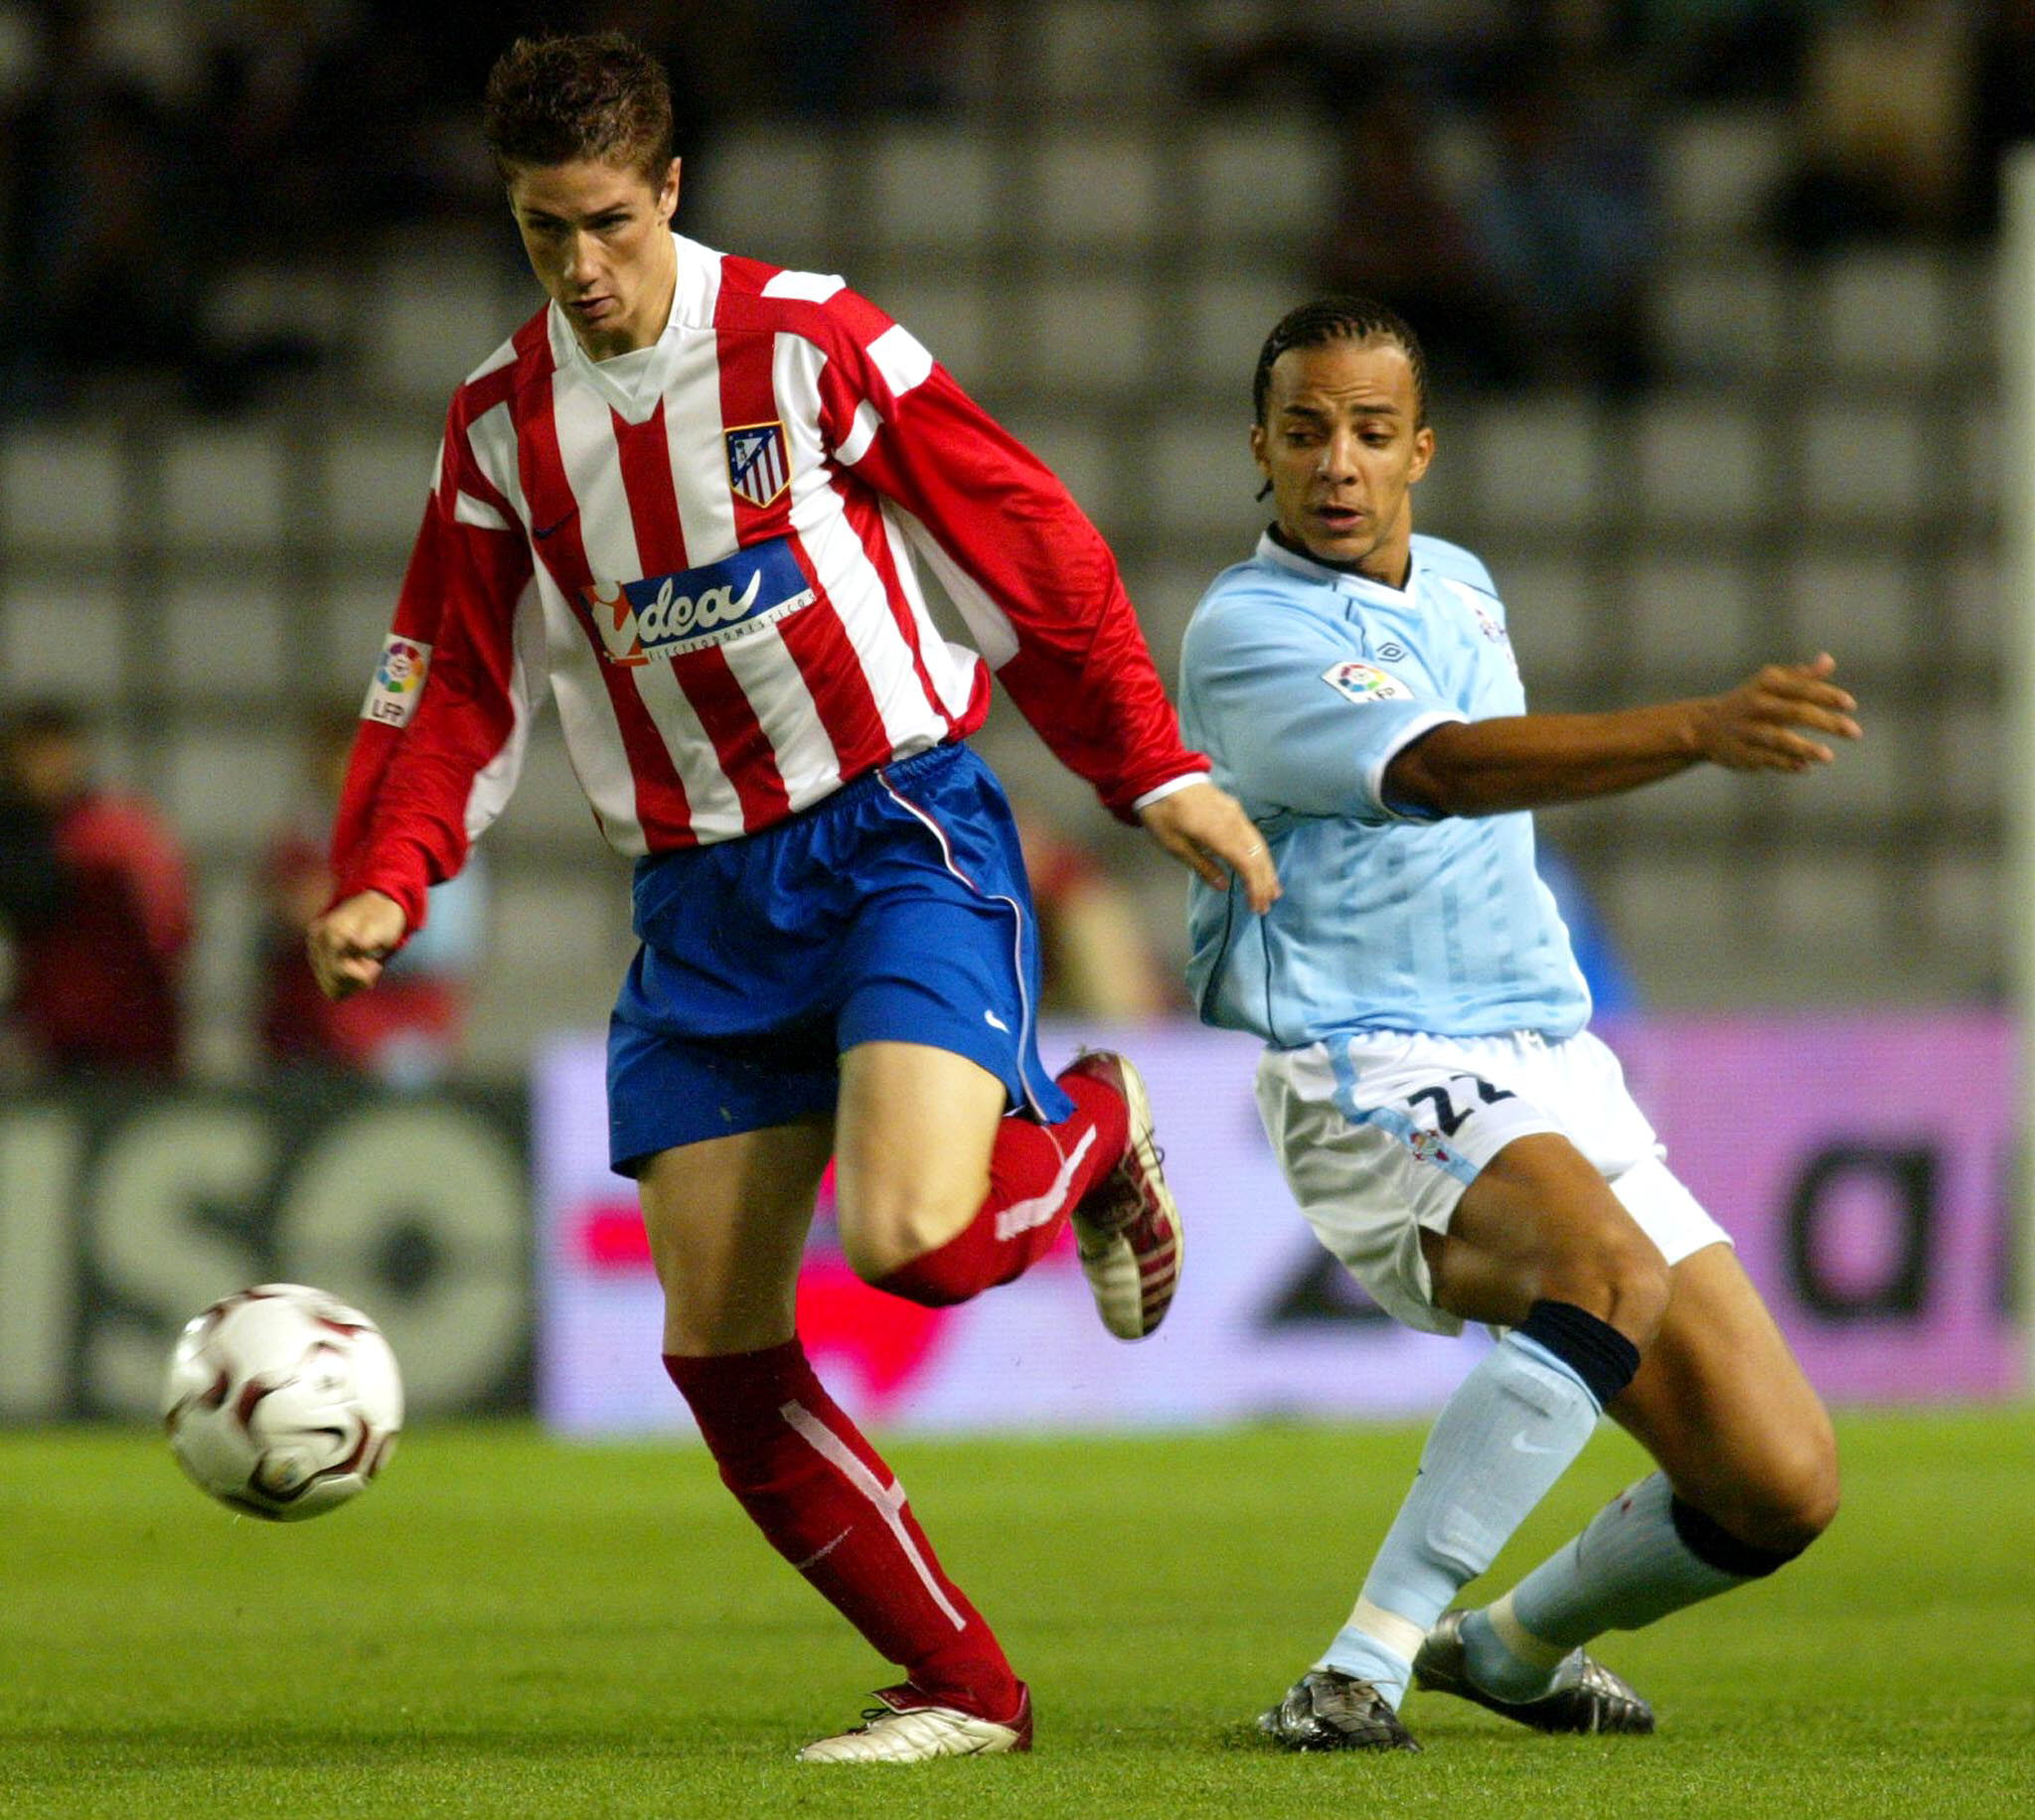 Luccin, jugando con el que sería su equipo después, en un Celta-Atleti en Balaídos de Liga (Archivo 20minutos).